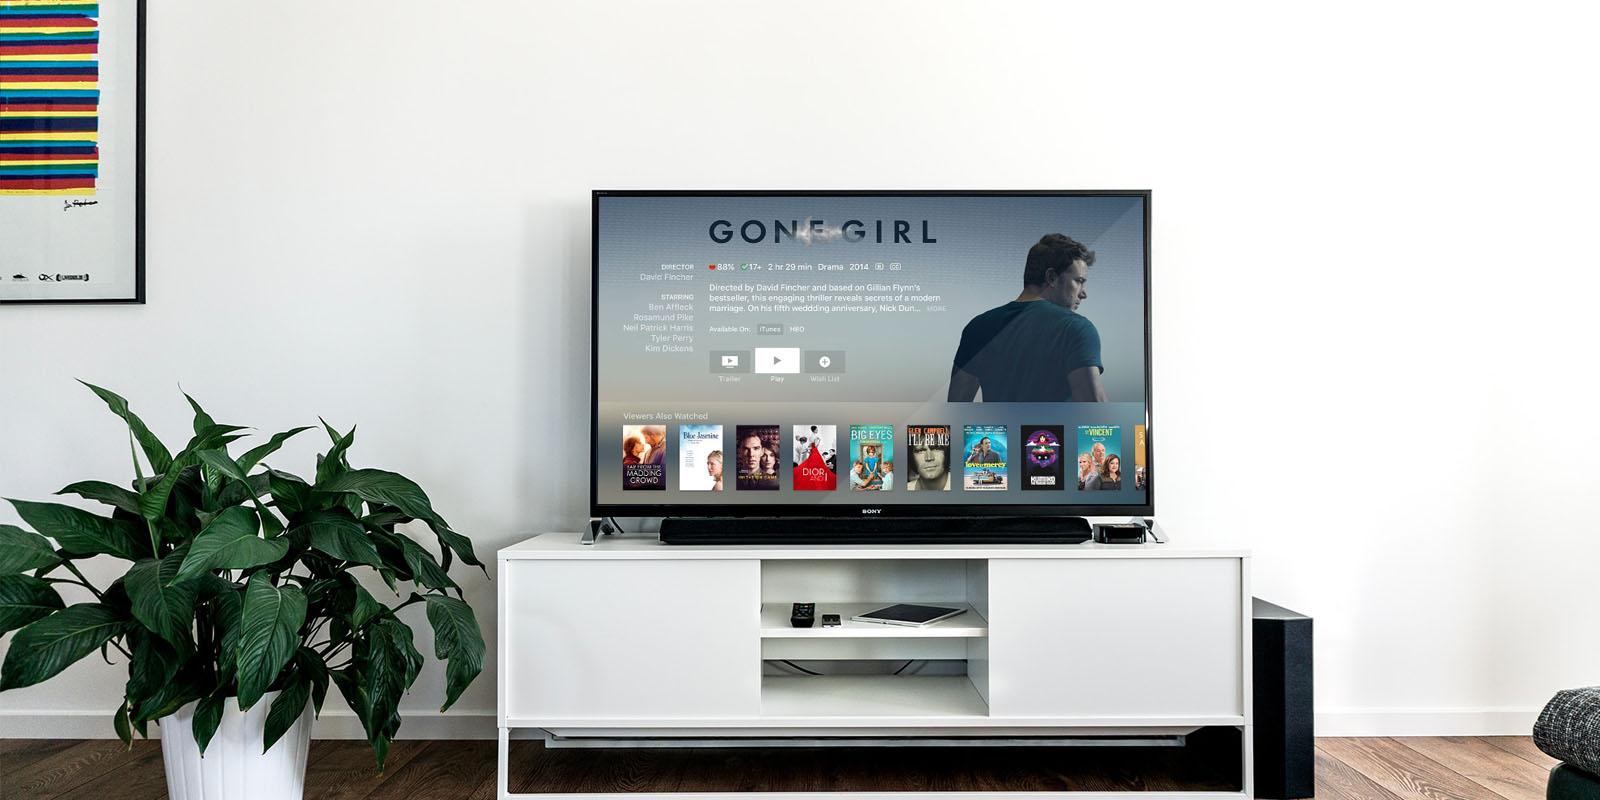 Netflix megatrendissa